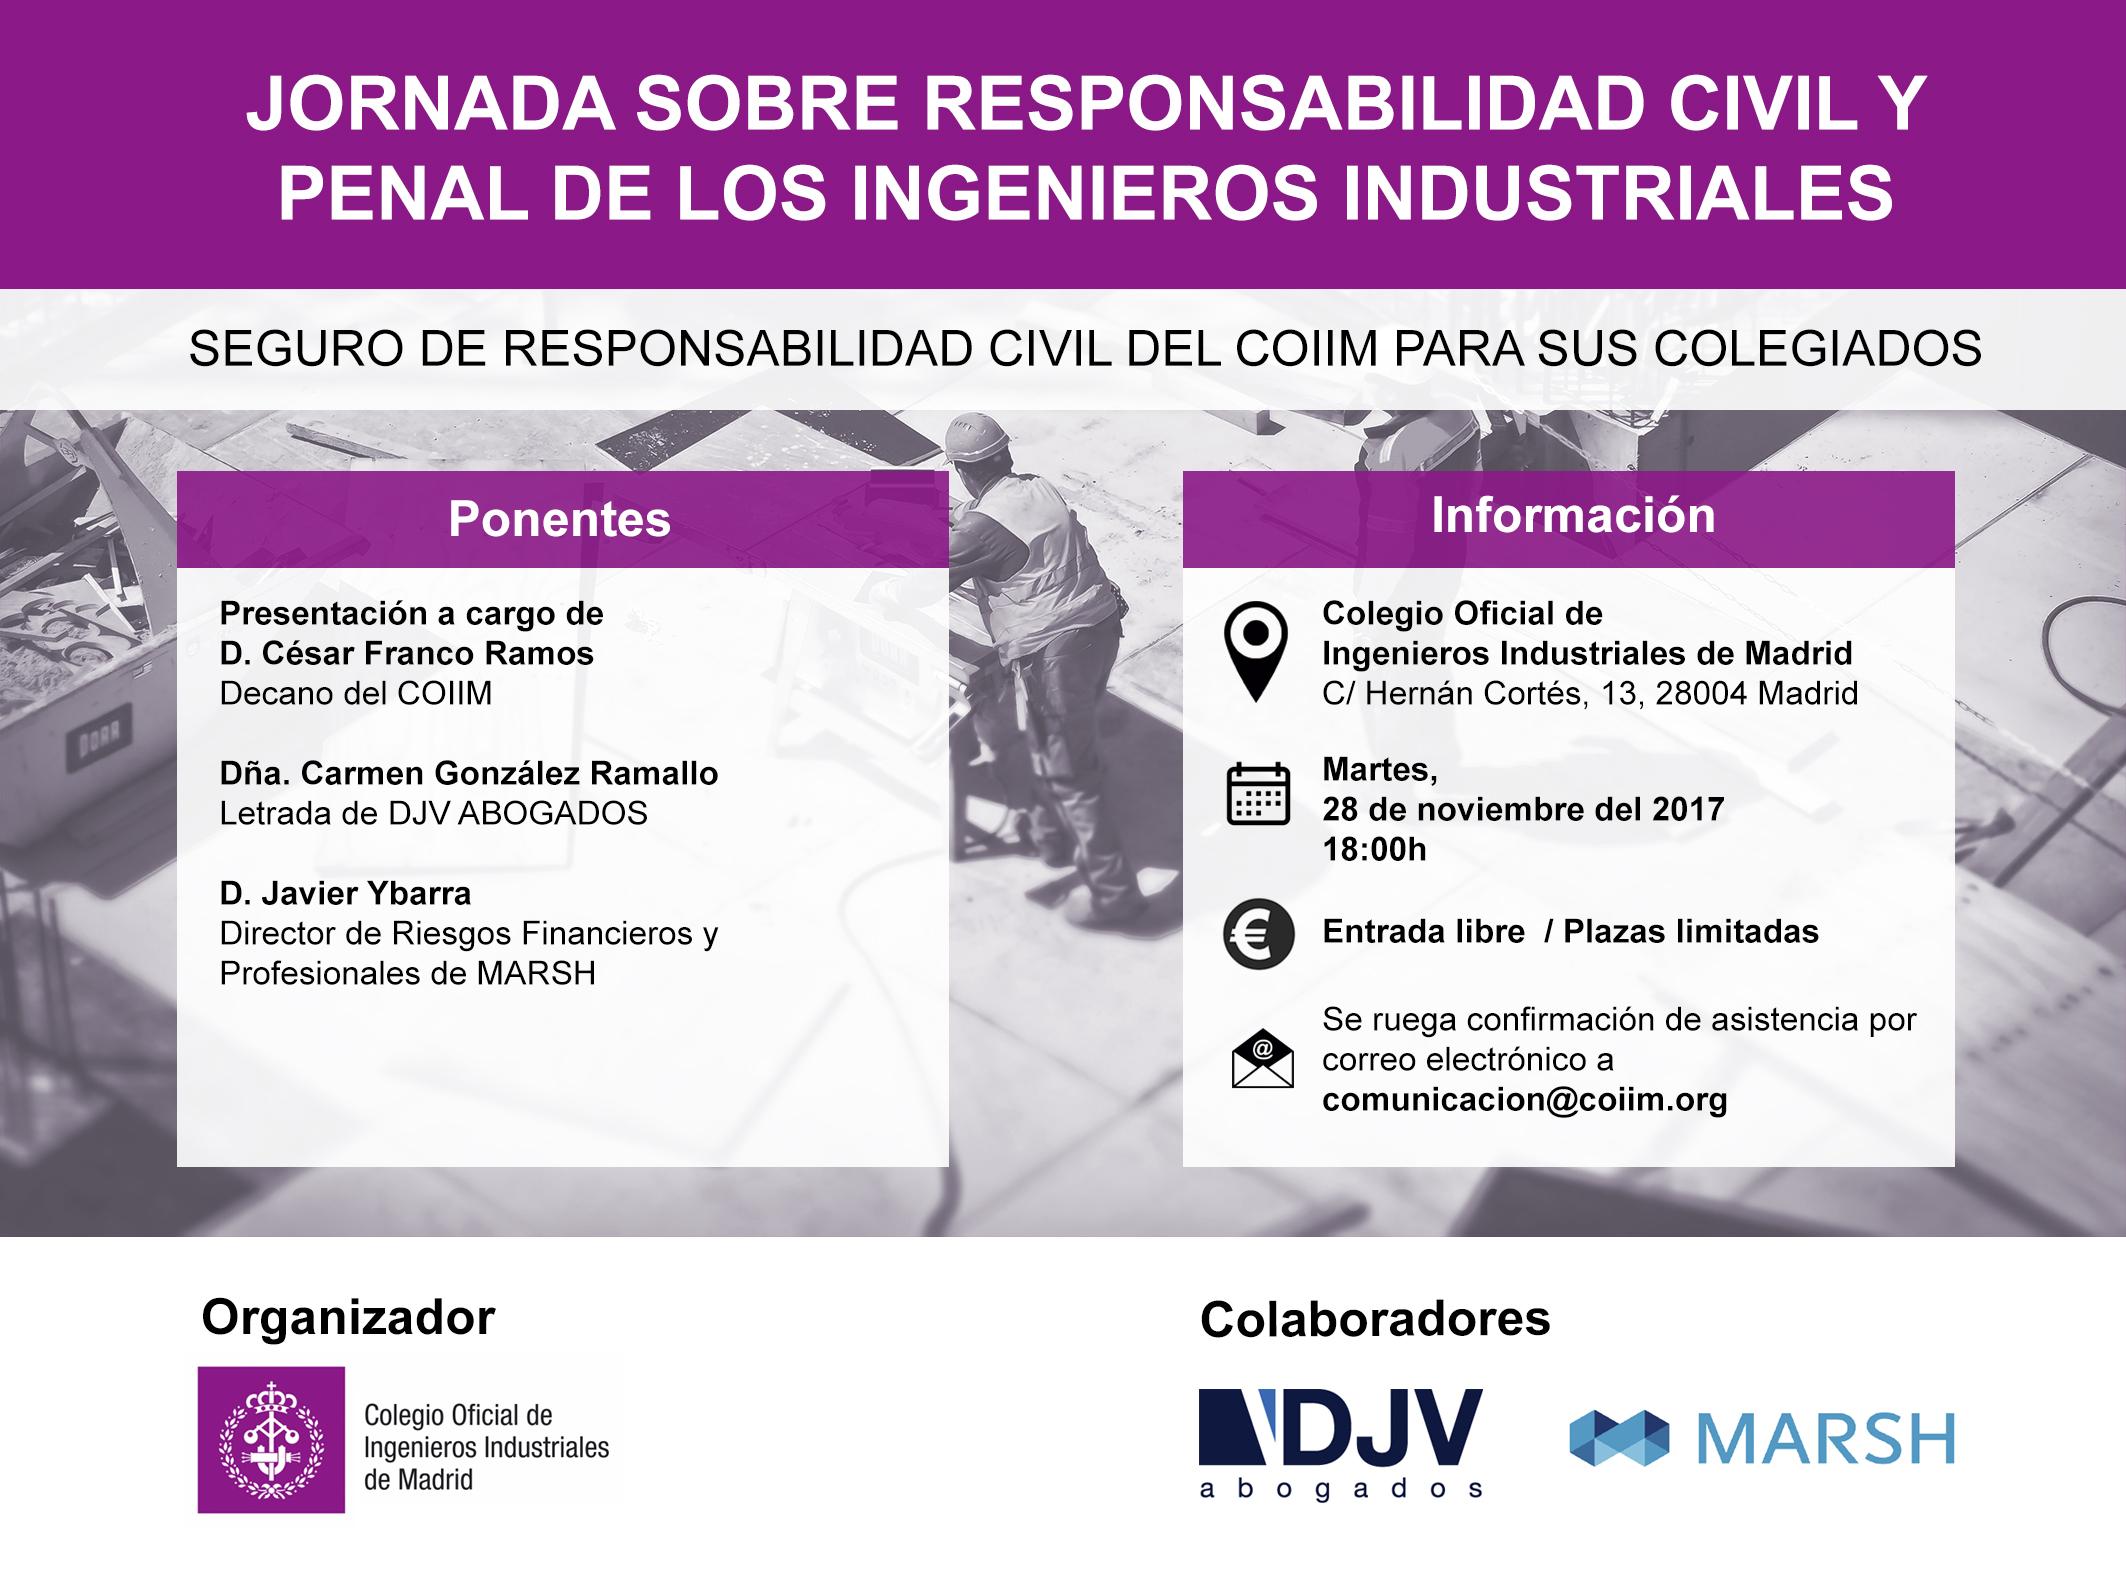 DJV Abogados Participa En Una Jornada Sobre Responsabilidad Civil Y Penal De Los Ingenieros Industriales Organizado Por El COIIM